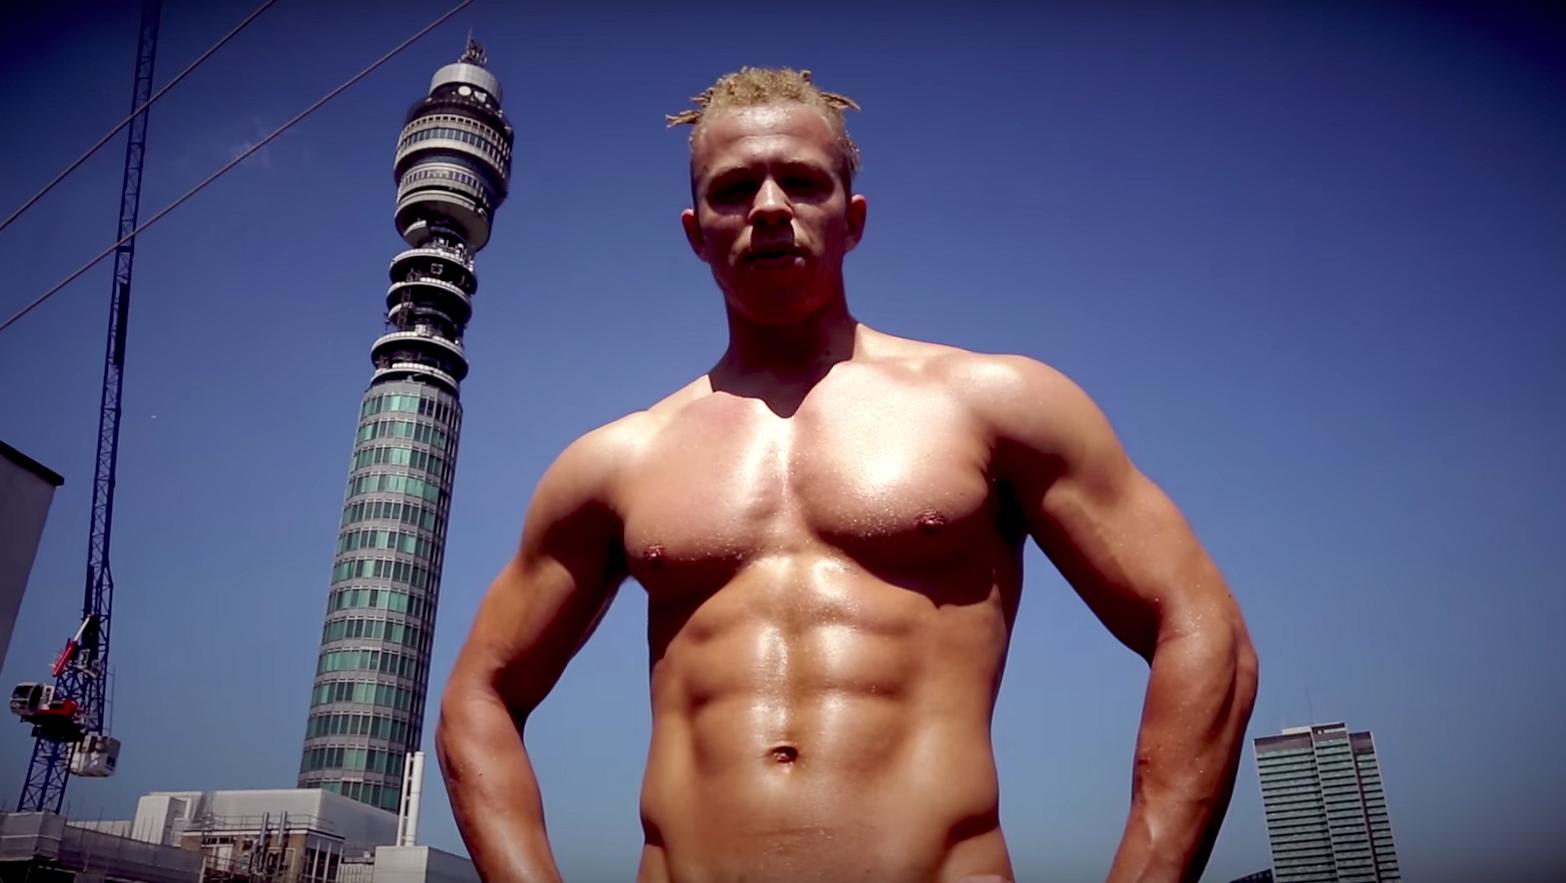 Ben jij klaar voor de Red Hot British Boys kalender?